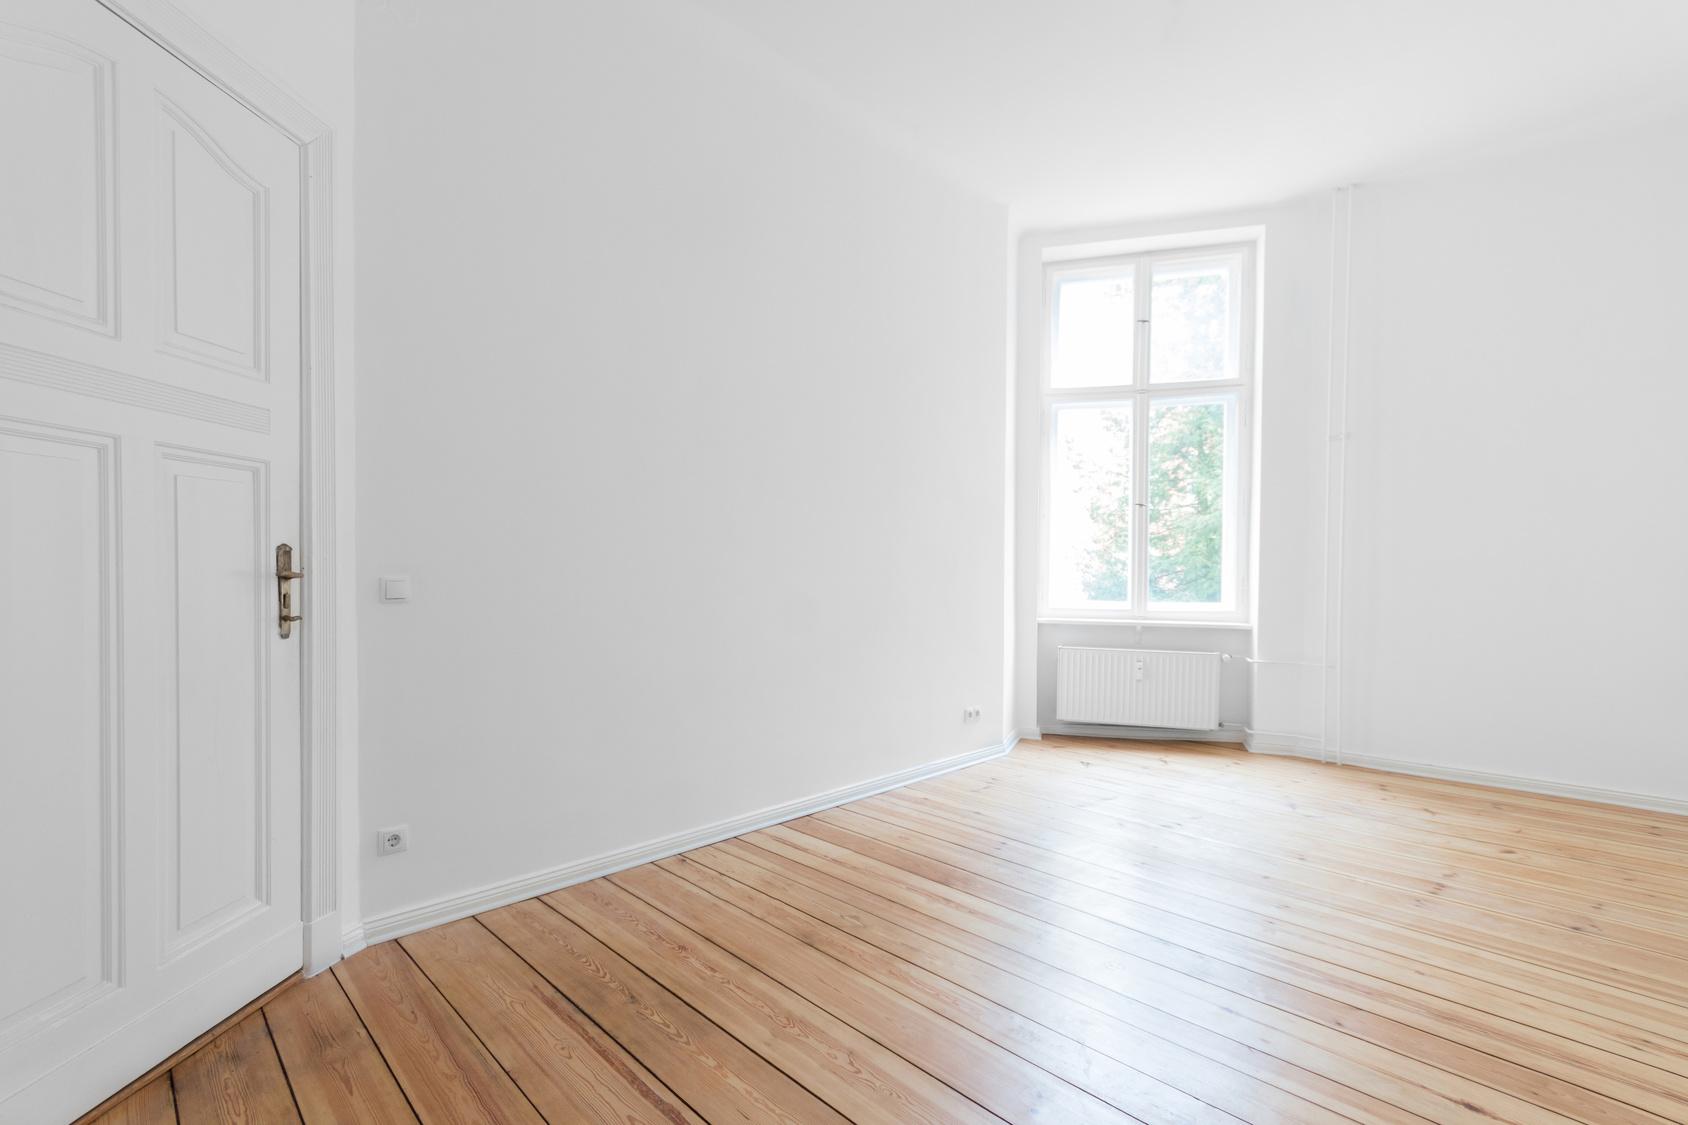 Full Size of Wandheizkörper Kosten Und Eigenschaften Wohnzimmer Wandheizkörper